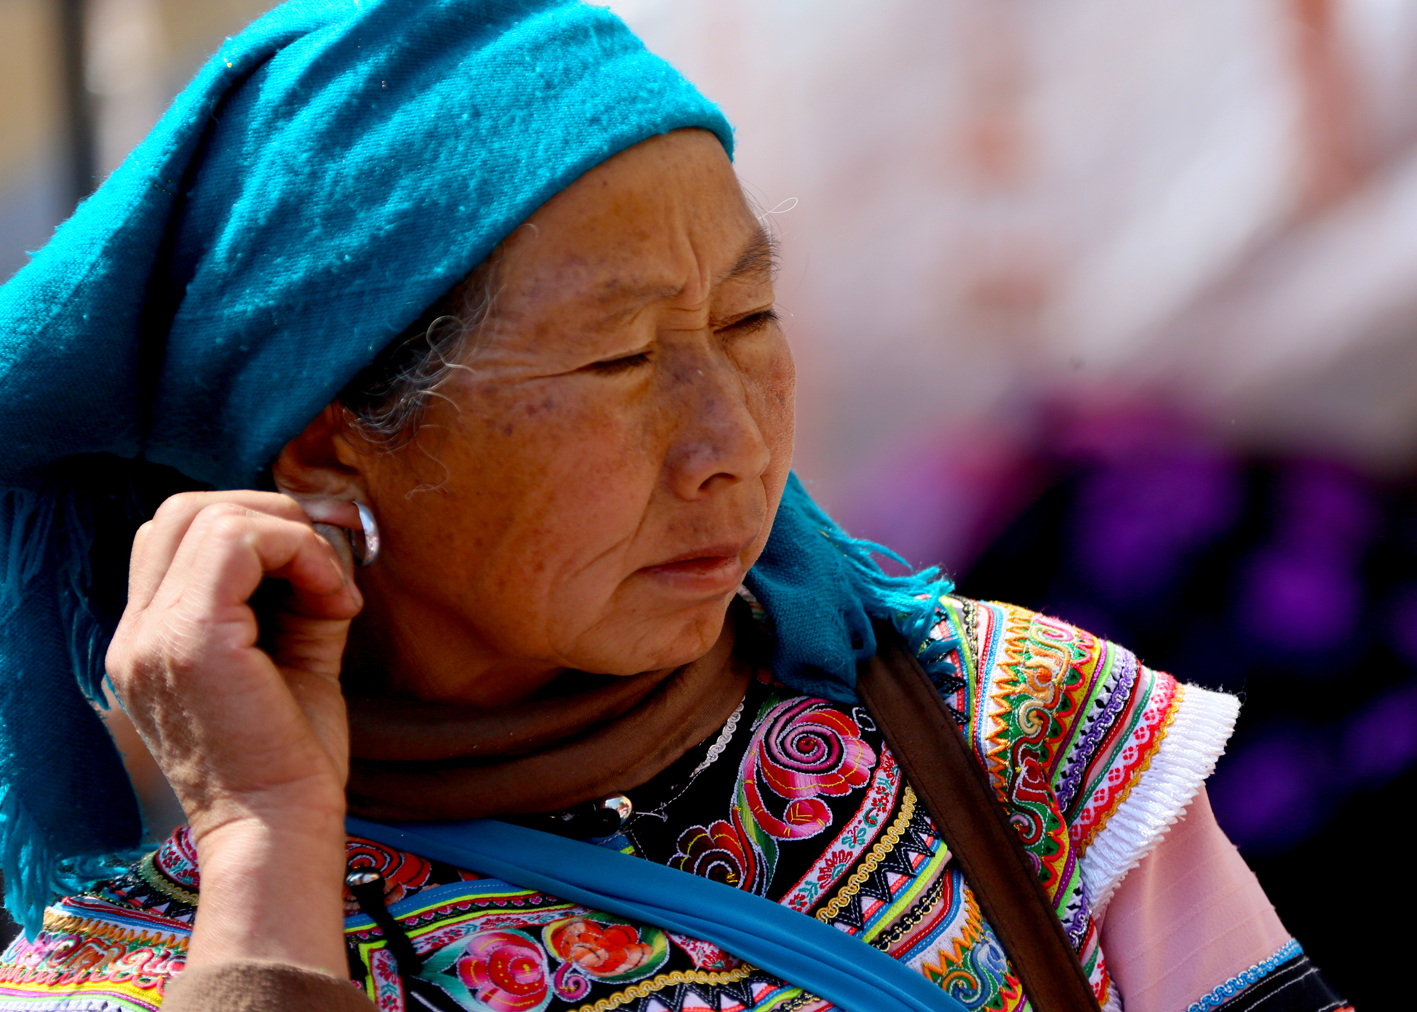 Mulher de uma tribo asiática, com brinco de prata e roupas tradicionais ilustra este post sobre o Shijing, o Livro das Canções.